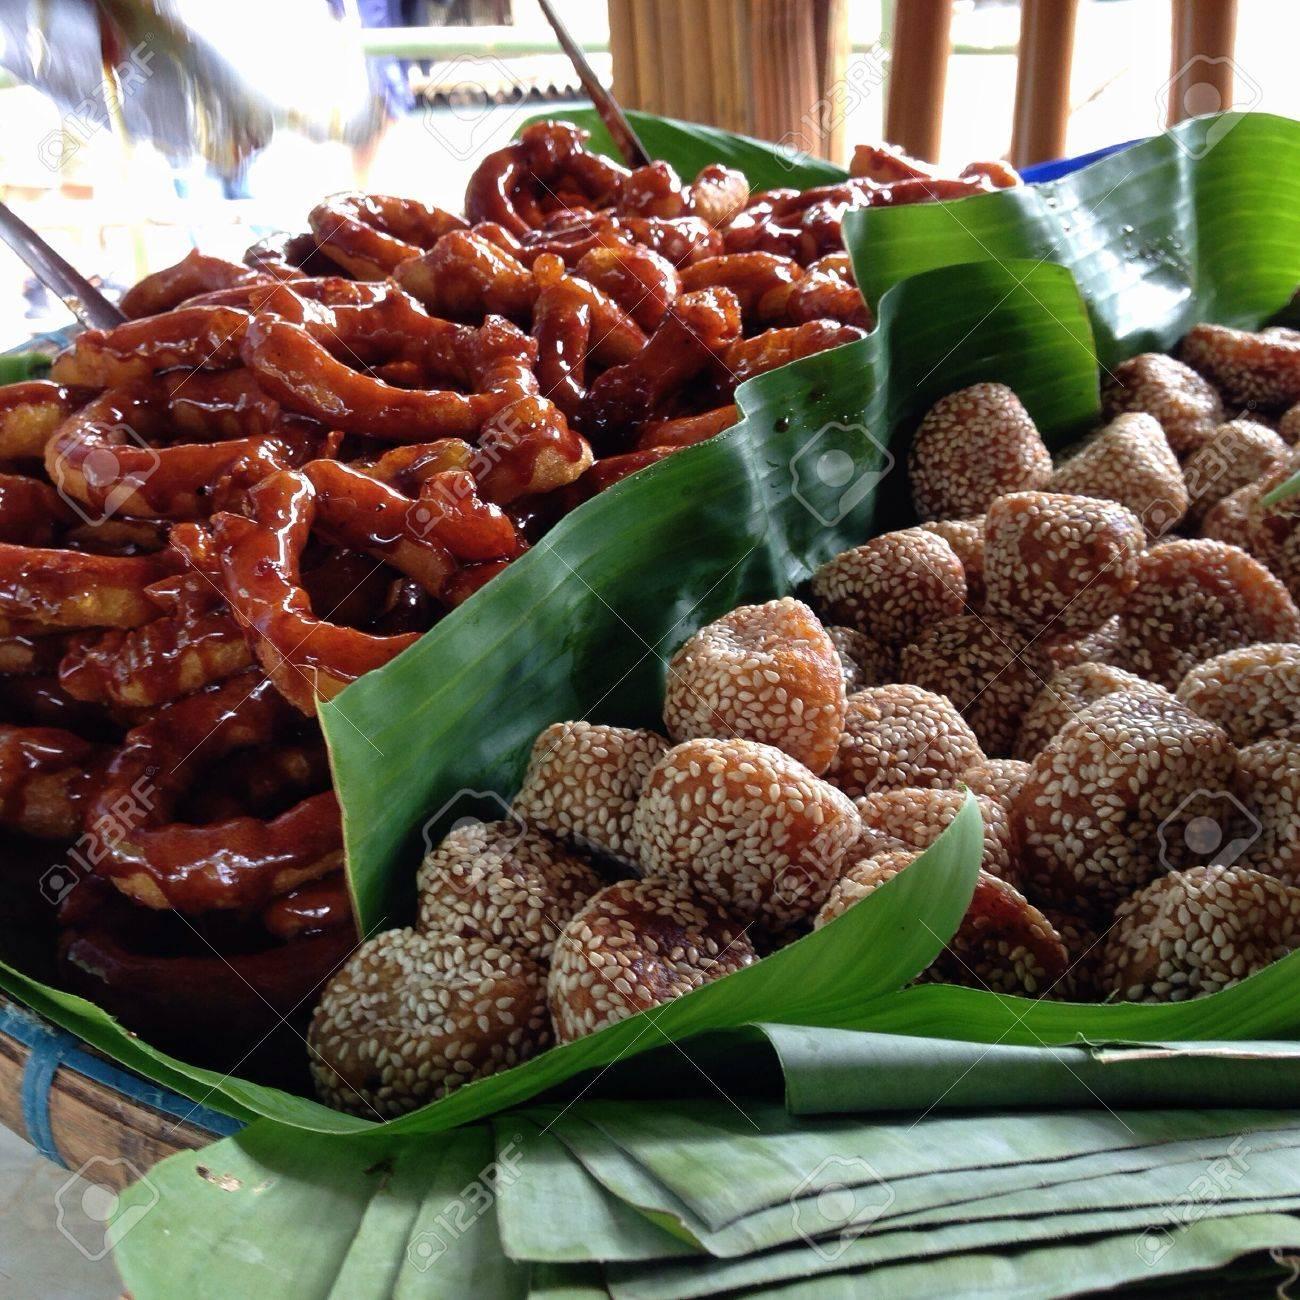 Native Filipino Desserts for sale